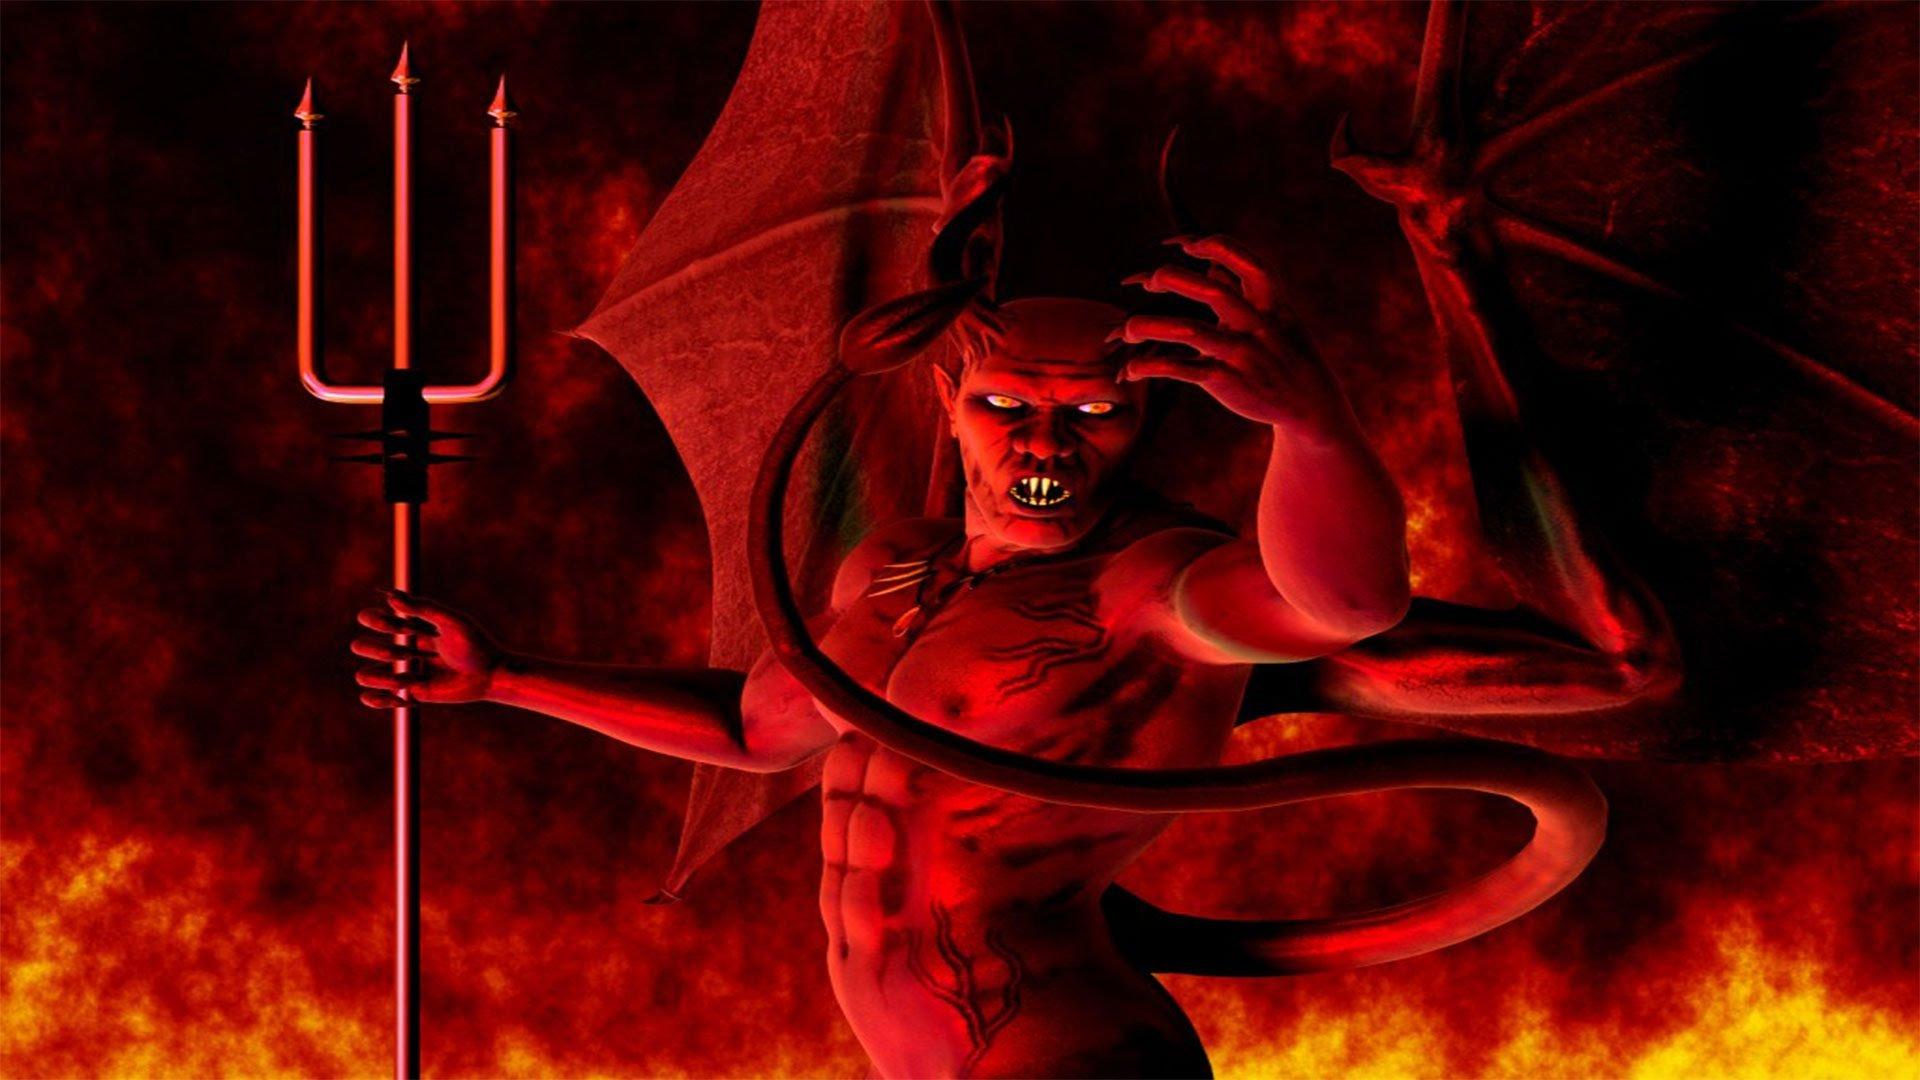 Классные картинки дьявола